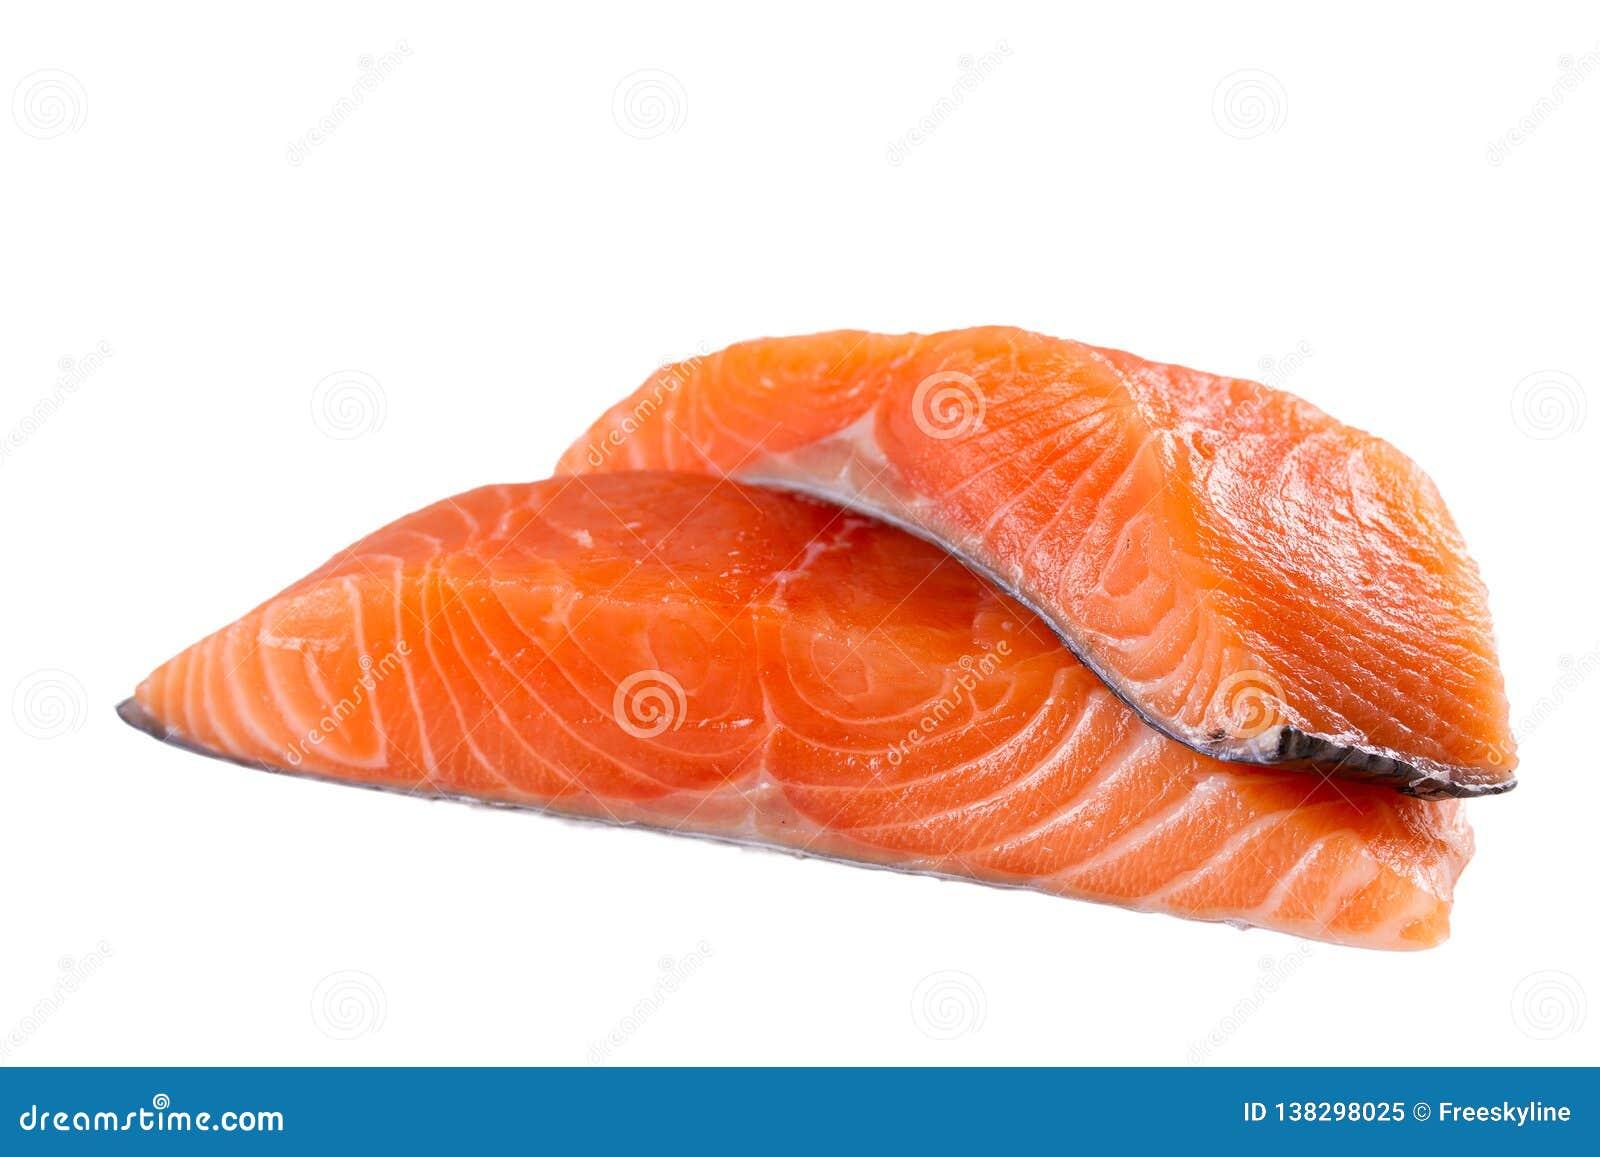 Świeża łosoś ryba odizolowywająca na białym tle bez cienia - wizerunek